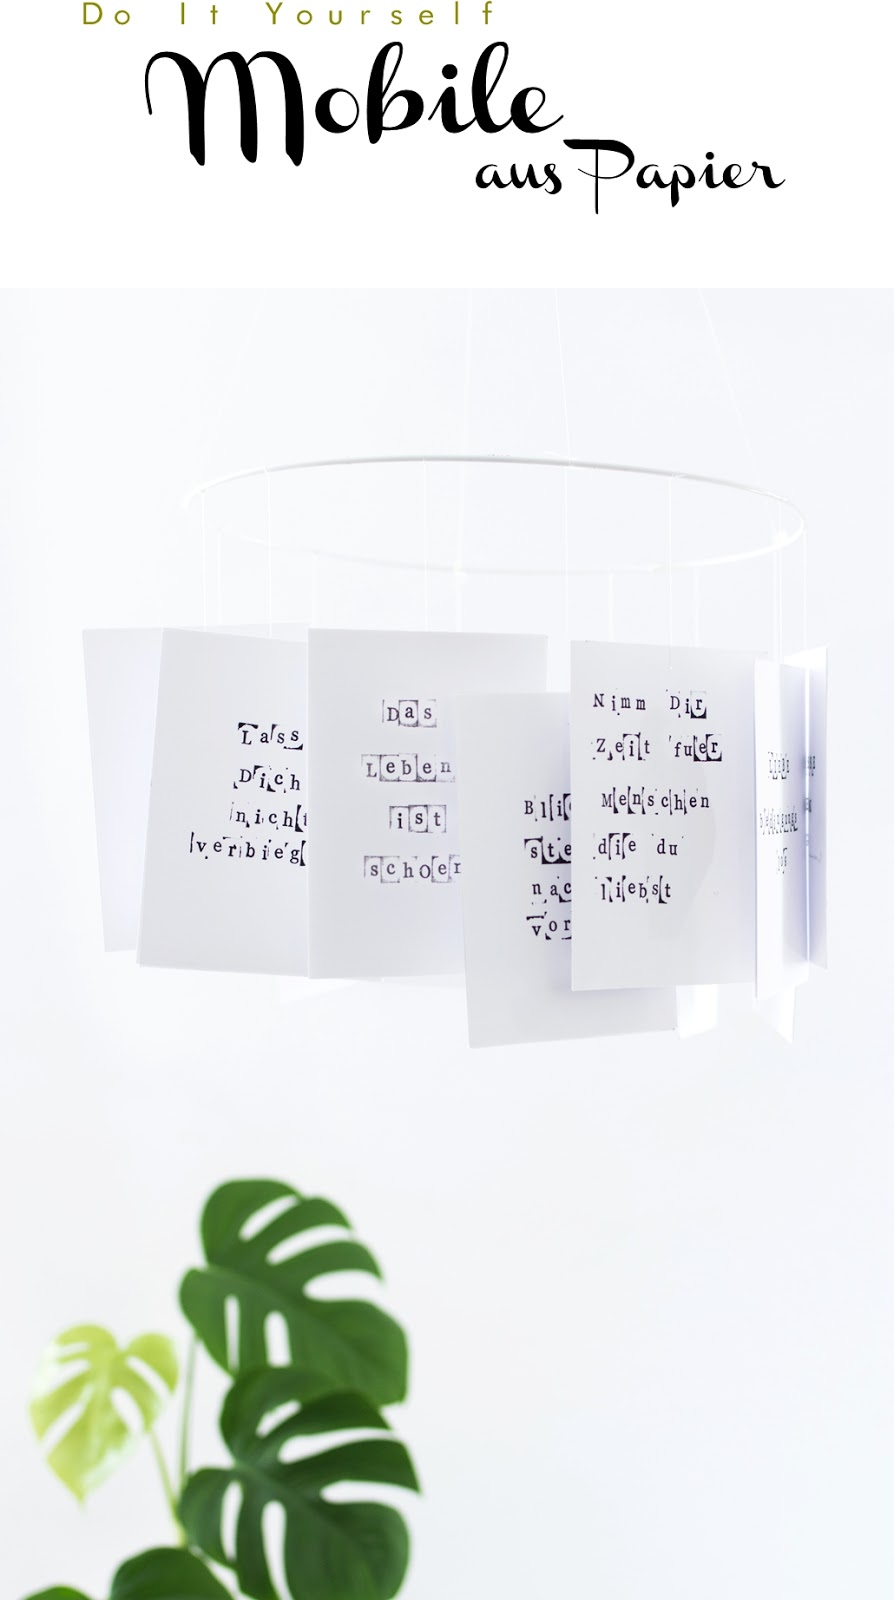 poesie zum aufh ngen papier mobile sinnenrausch diy und interior blog. Black Bedroom Furniture Sets. Home Design Ideas